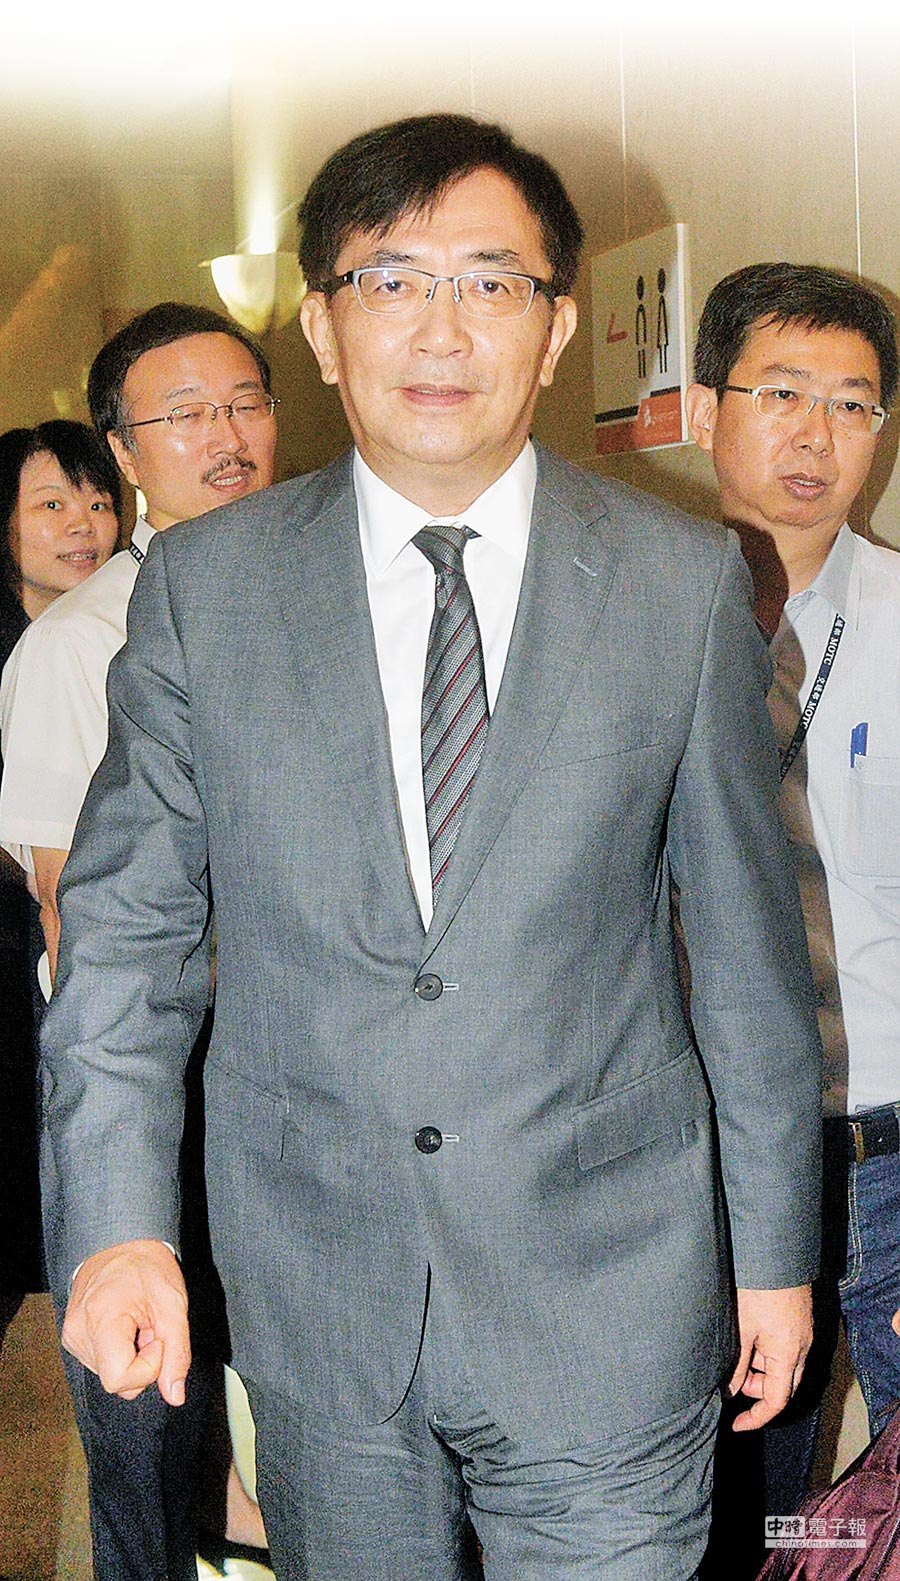 外籍航空公司改名,交通部長吳宏謀昨強硬表示,政府將會有「反制作為」。(本報資料照片)